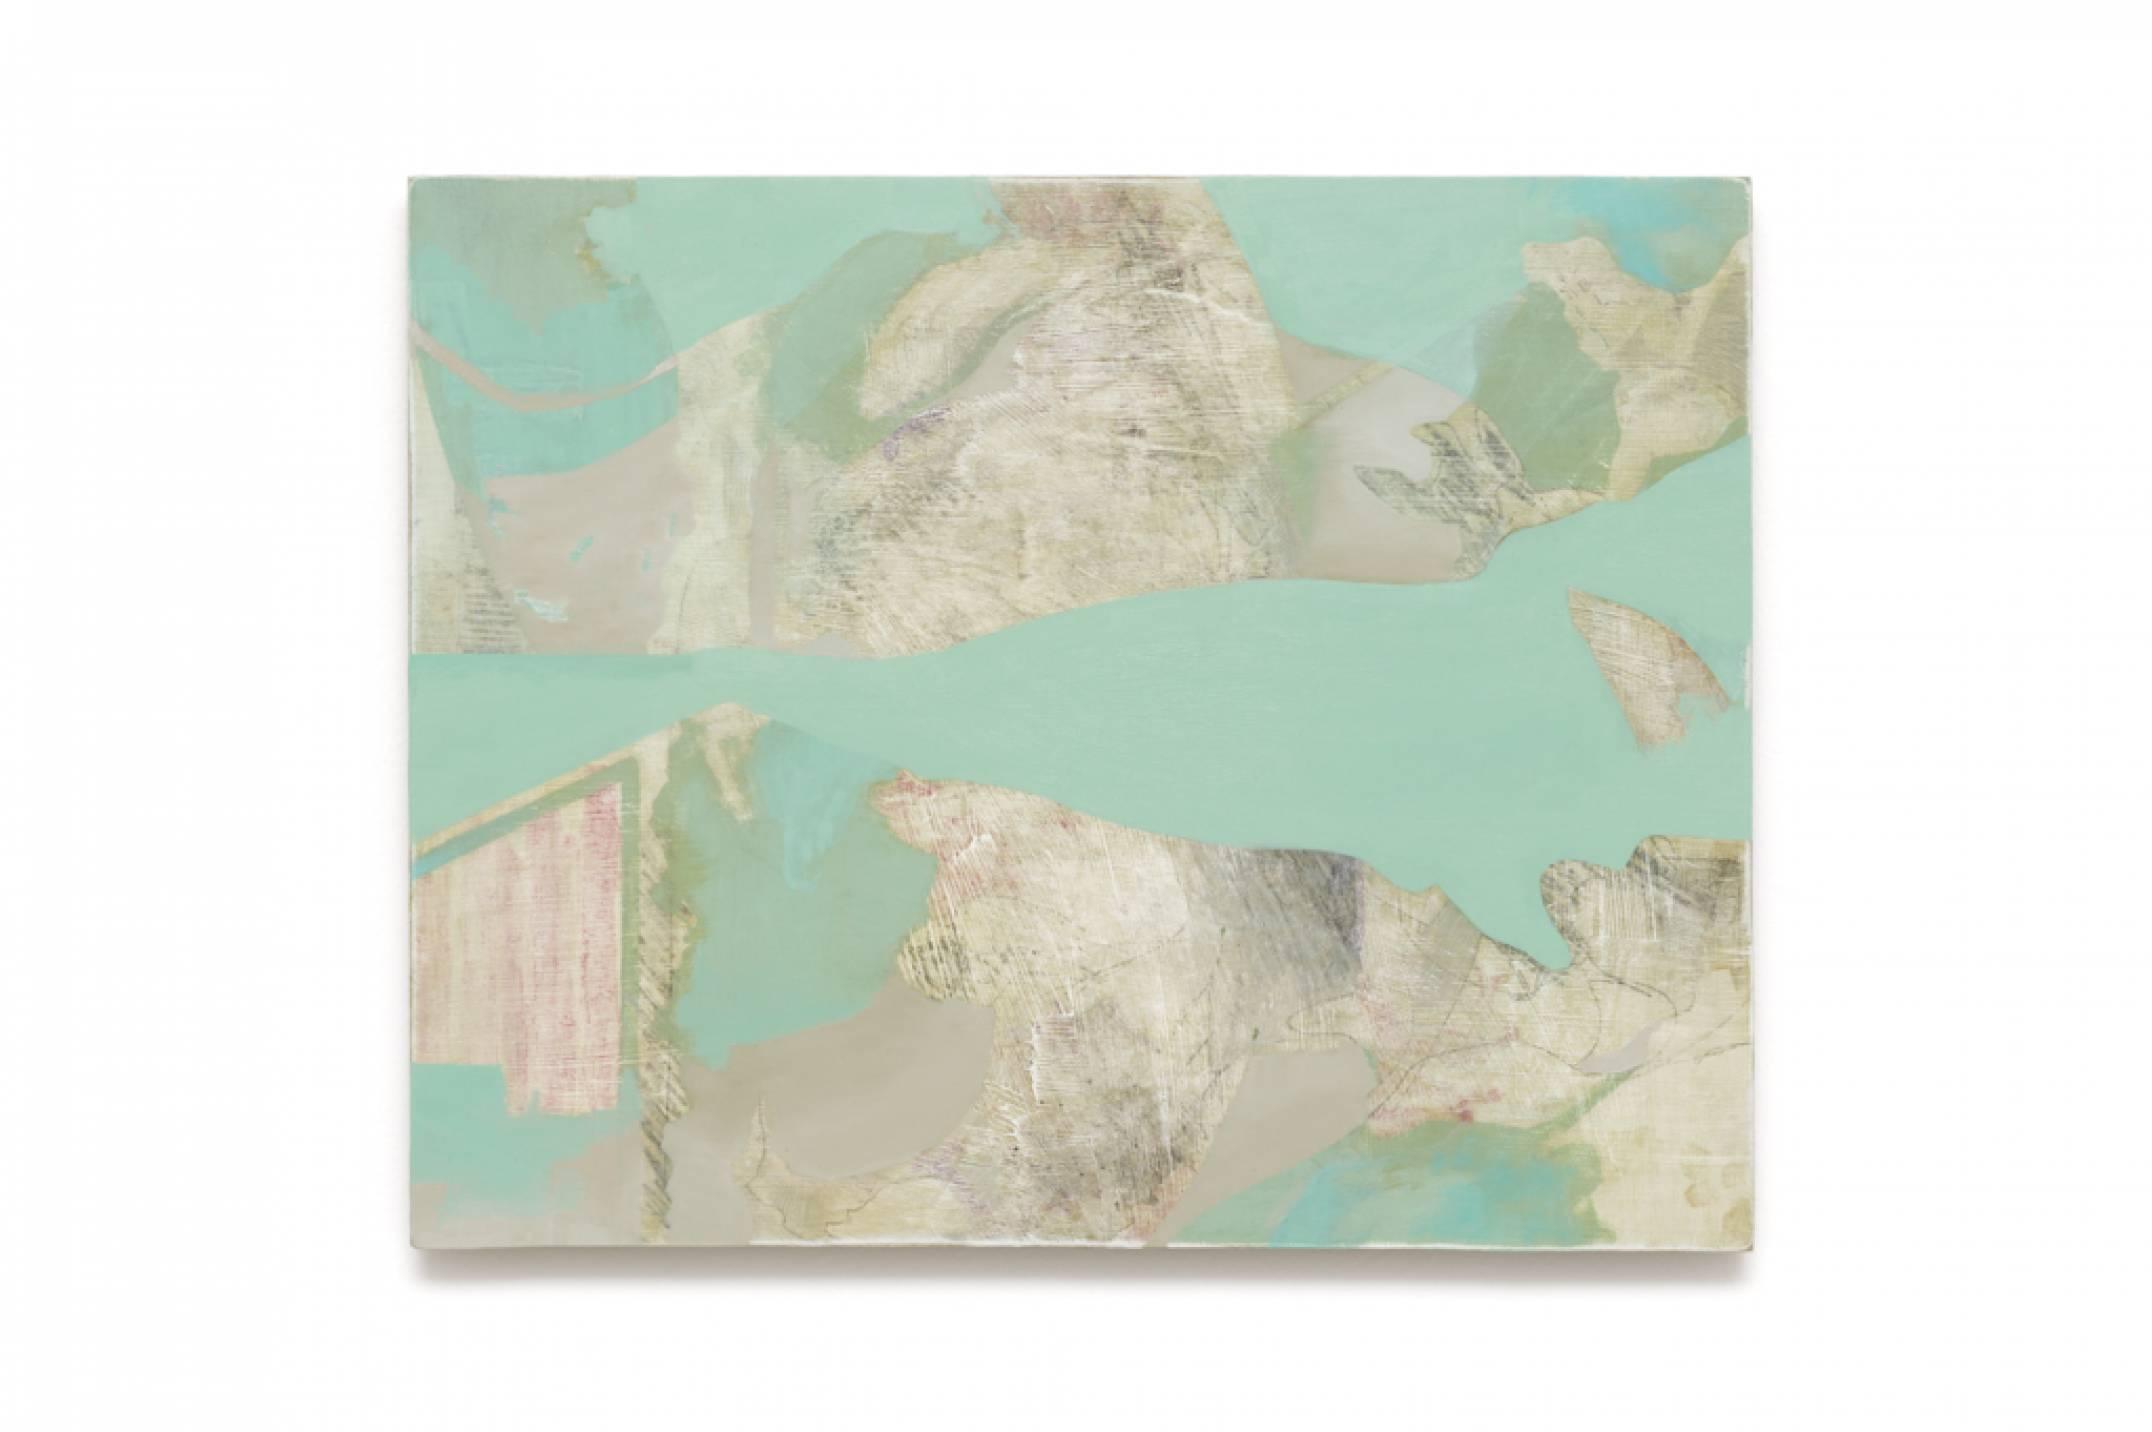 Iulia Nistor,<em>Evidence L4 W5 A4</em>,2017, oil on wood, 50 × 40 cm - Mendes Wood DM